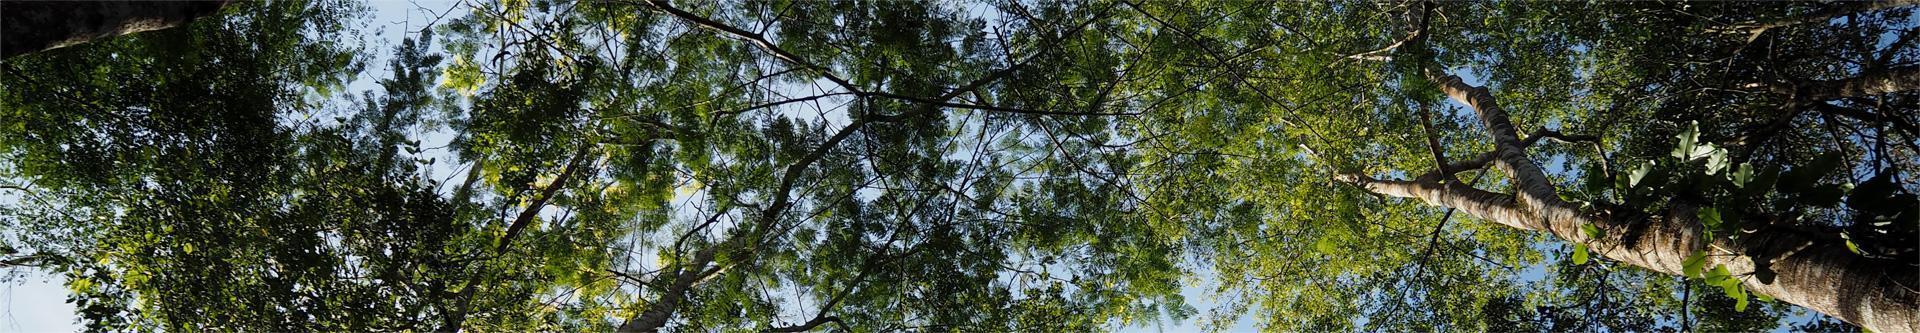 Konary drzew na tle błękitnego nieba